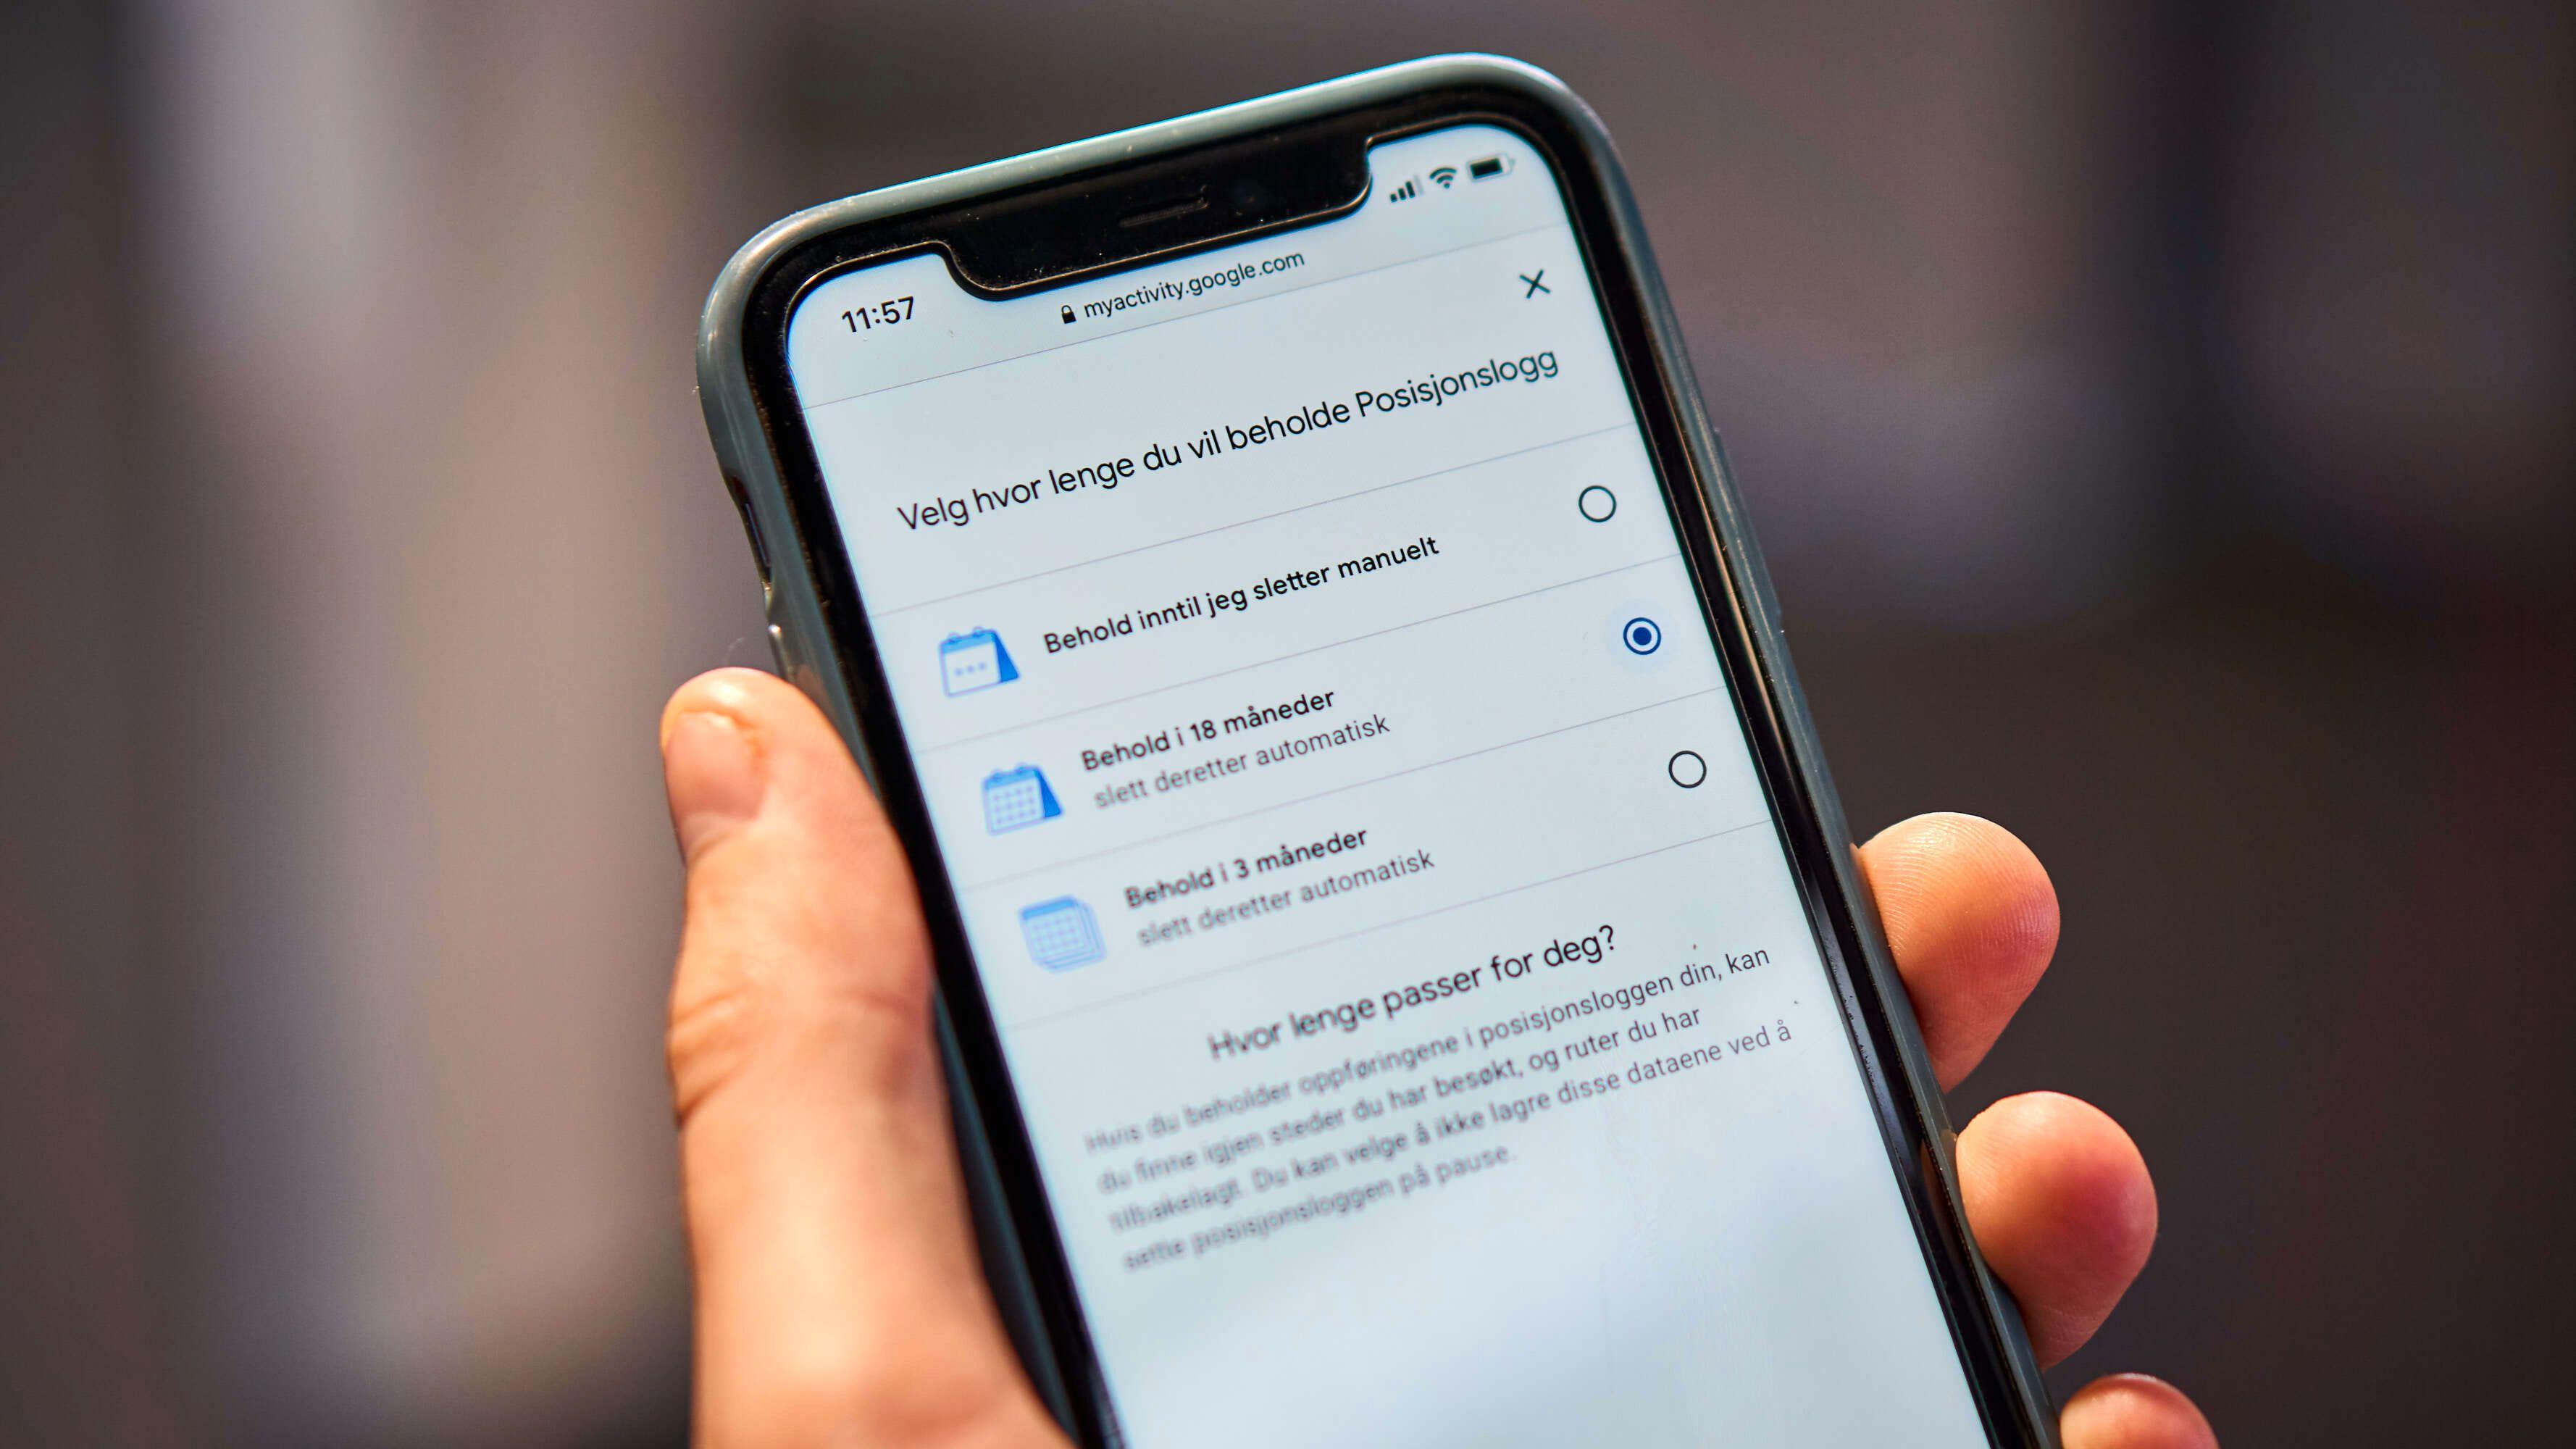 Googles automatiske sletting av data blir nå satt til 18 måneder som standard for nye kontoer og for kontoer hvor posisjonslogg aktiveres for første gang.